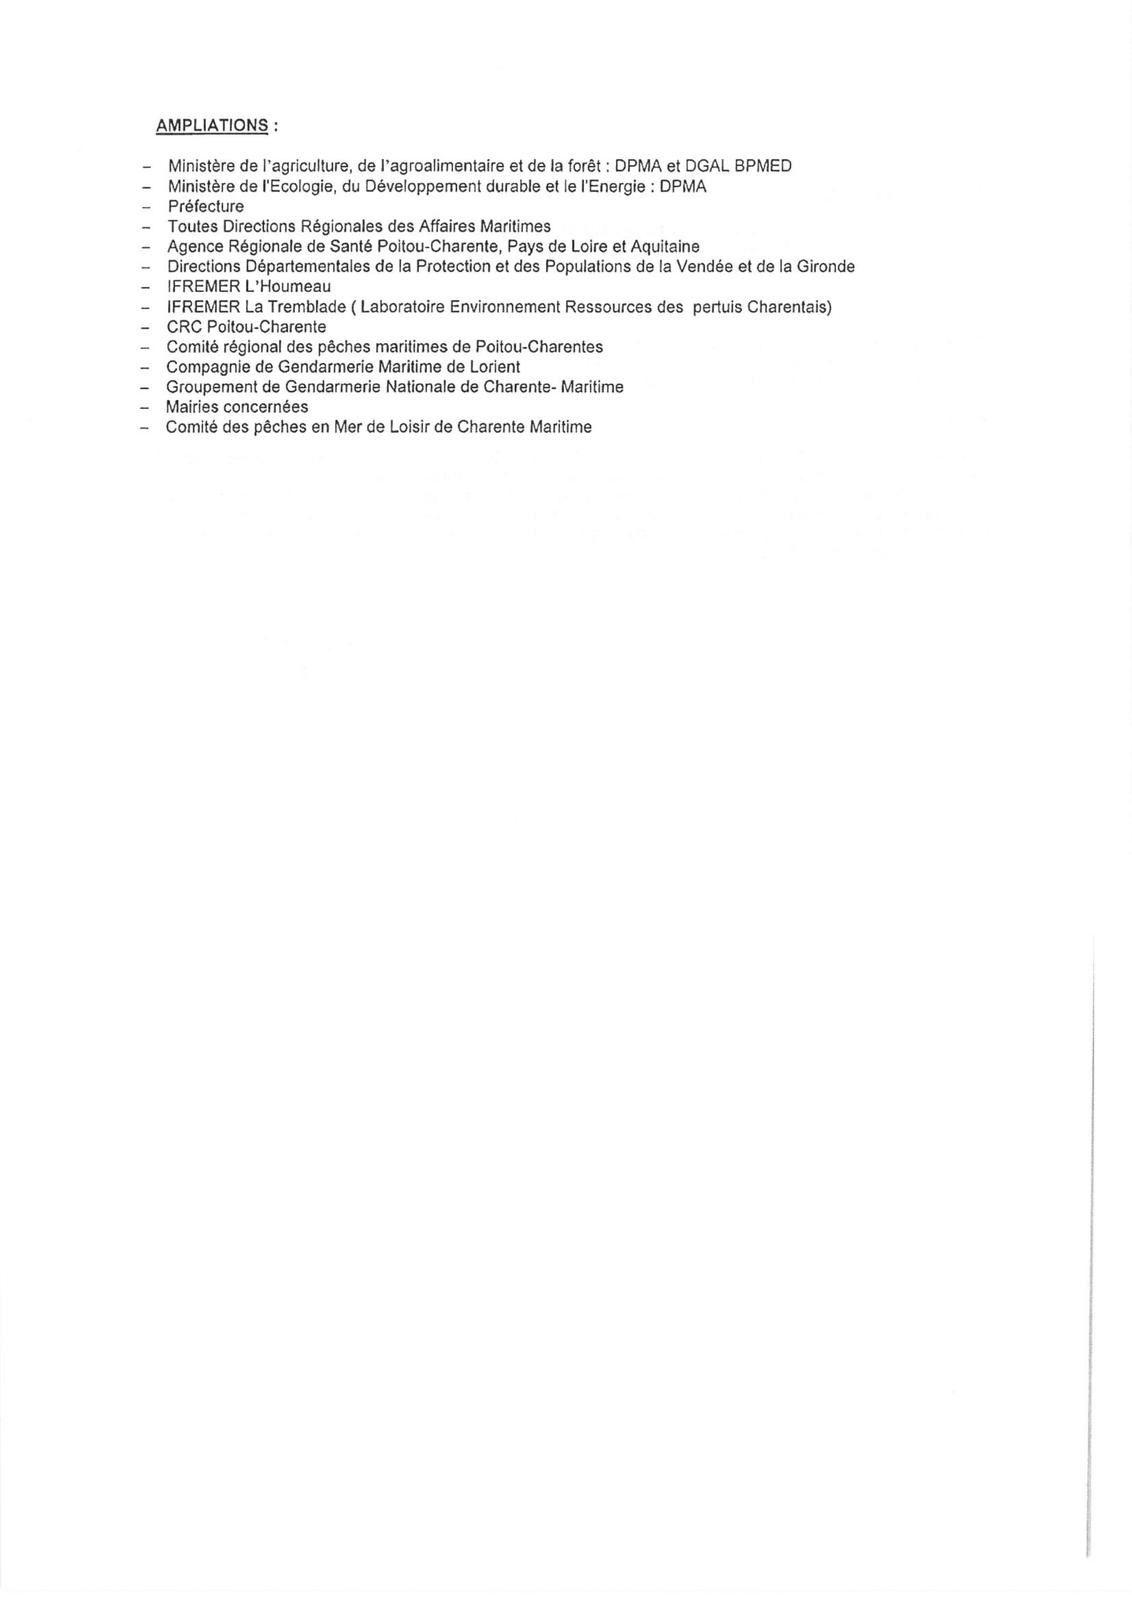 Arrêté préfectoral  n°15-3093 du 17 novembre 2015